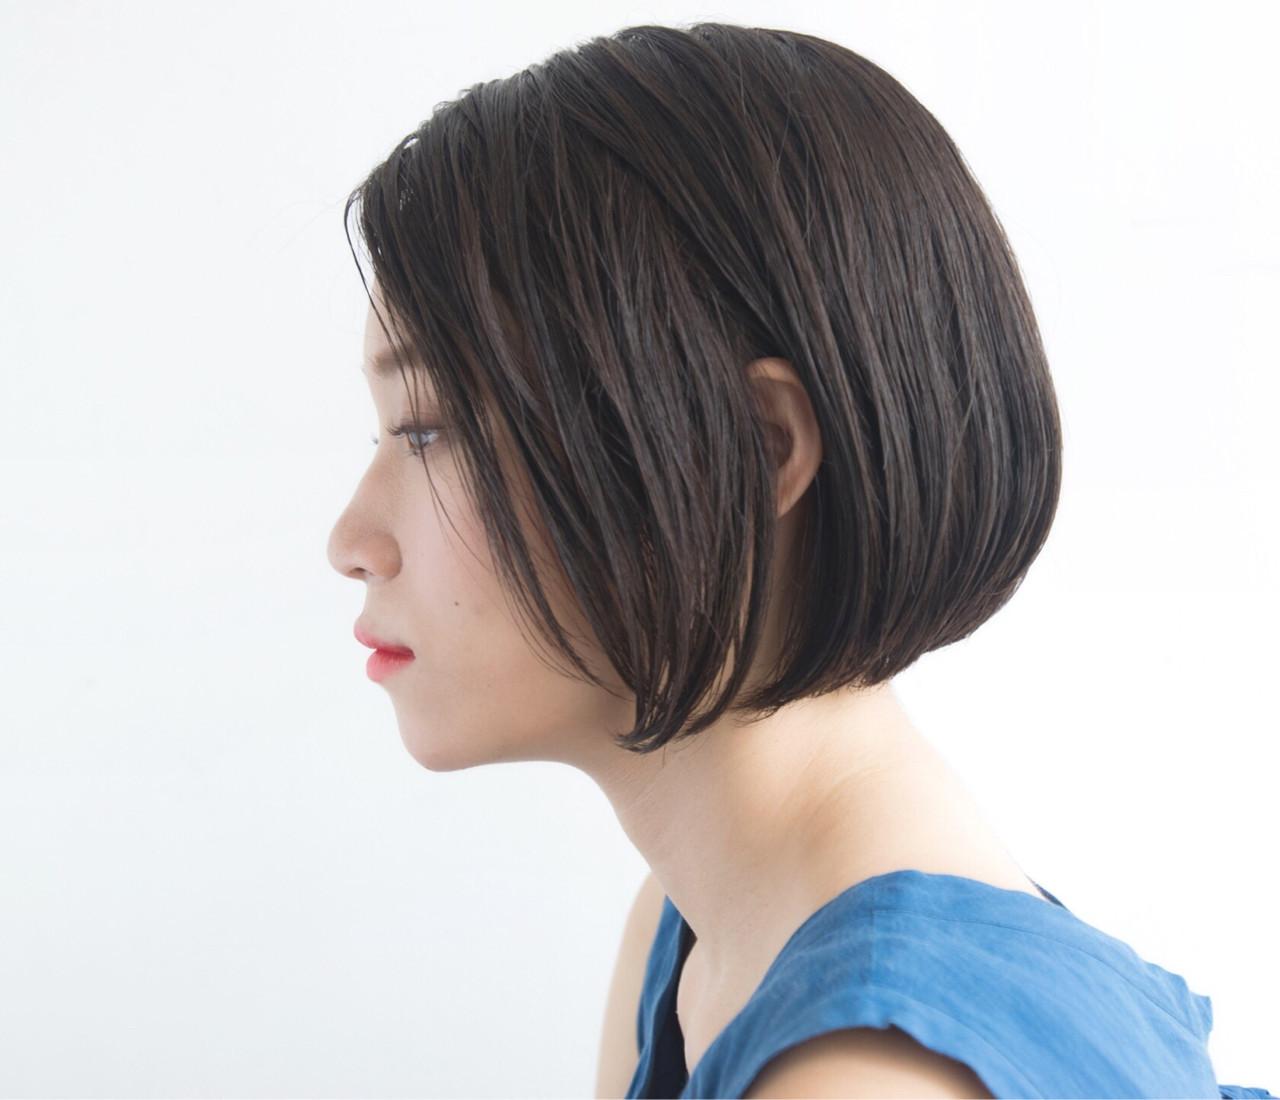 艶やかで色気たっぷり♪黒髪ストレートボブの魅力 anti_RIKUSHI